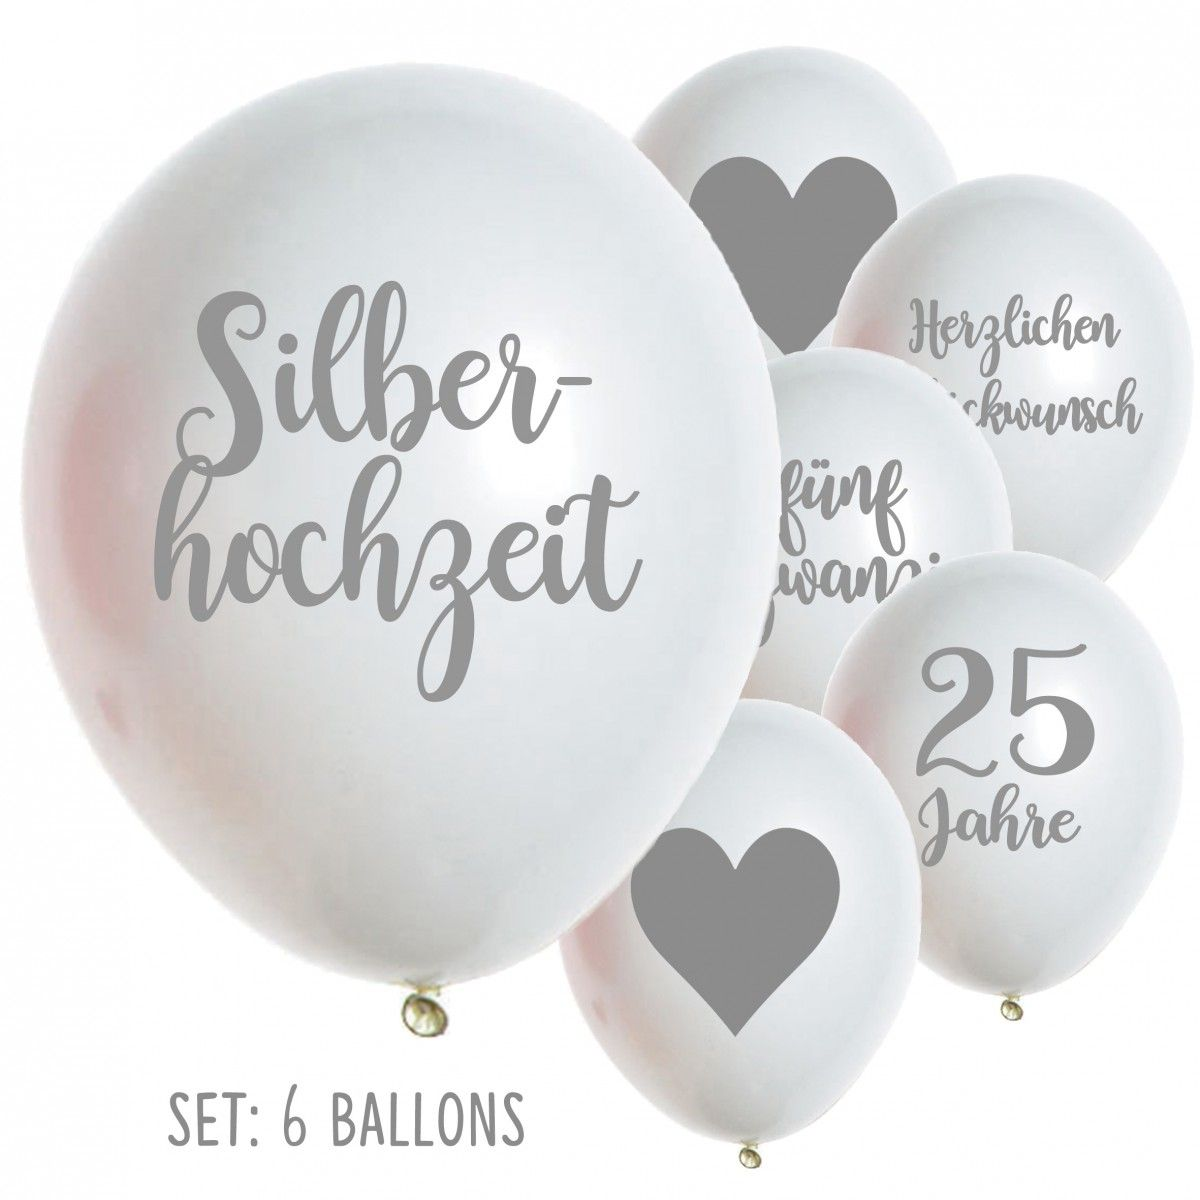 Silberhochzeit ballons luftballons 25 jahre hochzeit for Dekoration silberhochzeit